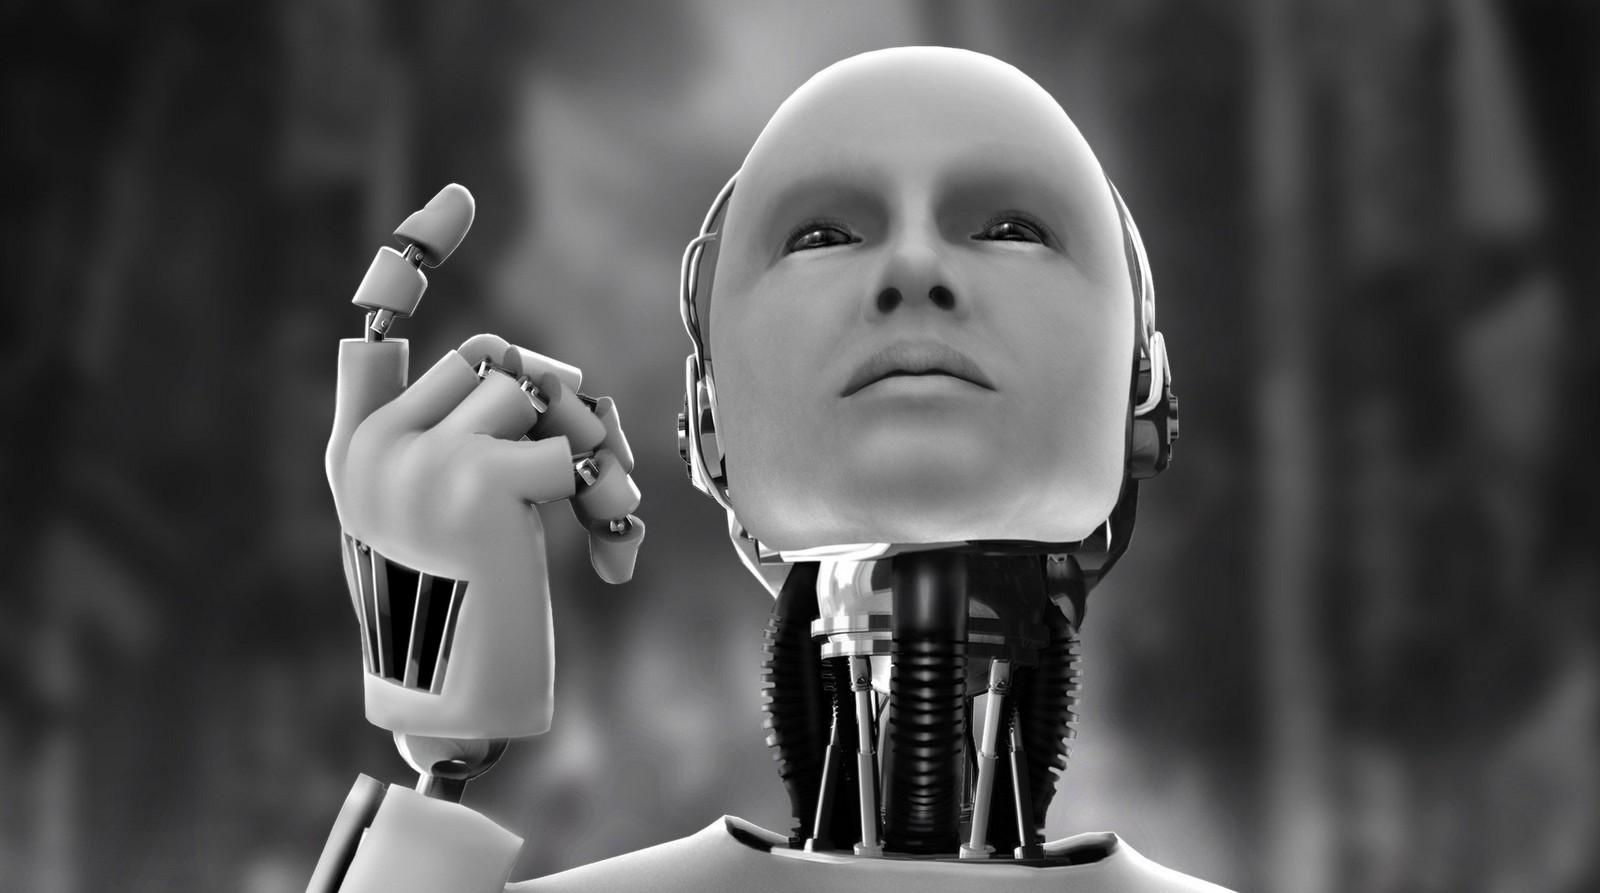 Mira Cómo los ROBOTS CATÓLICOS Fueron los Precursores de los Androides Actuales